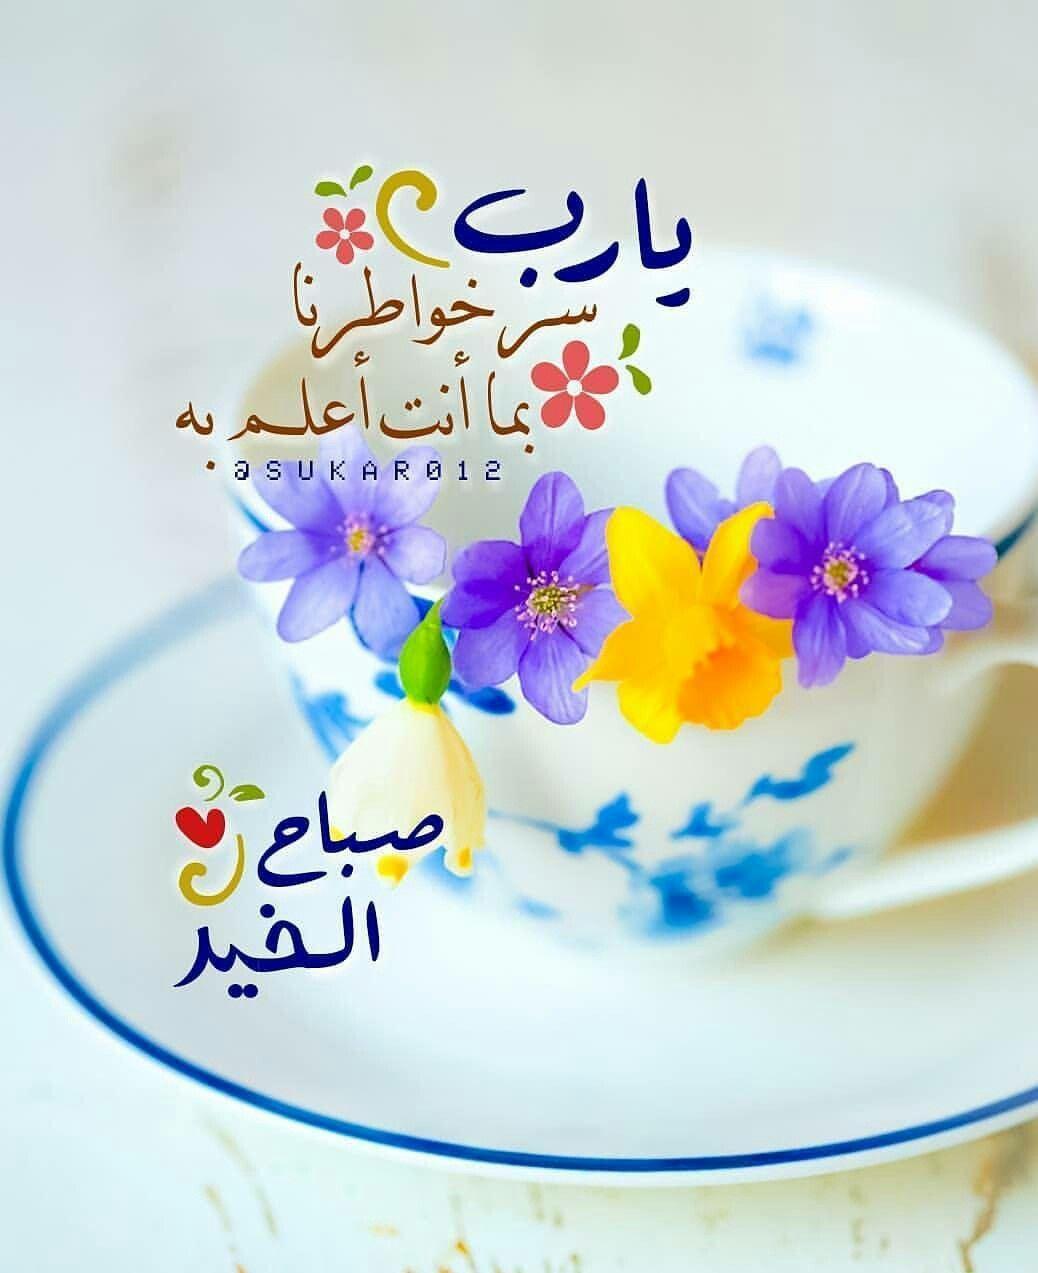 يا رب سر Beautiful Morning Messages Good Morning Images Flowers Good Morning Flowers